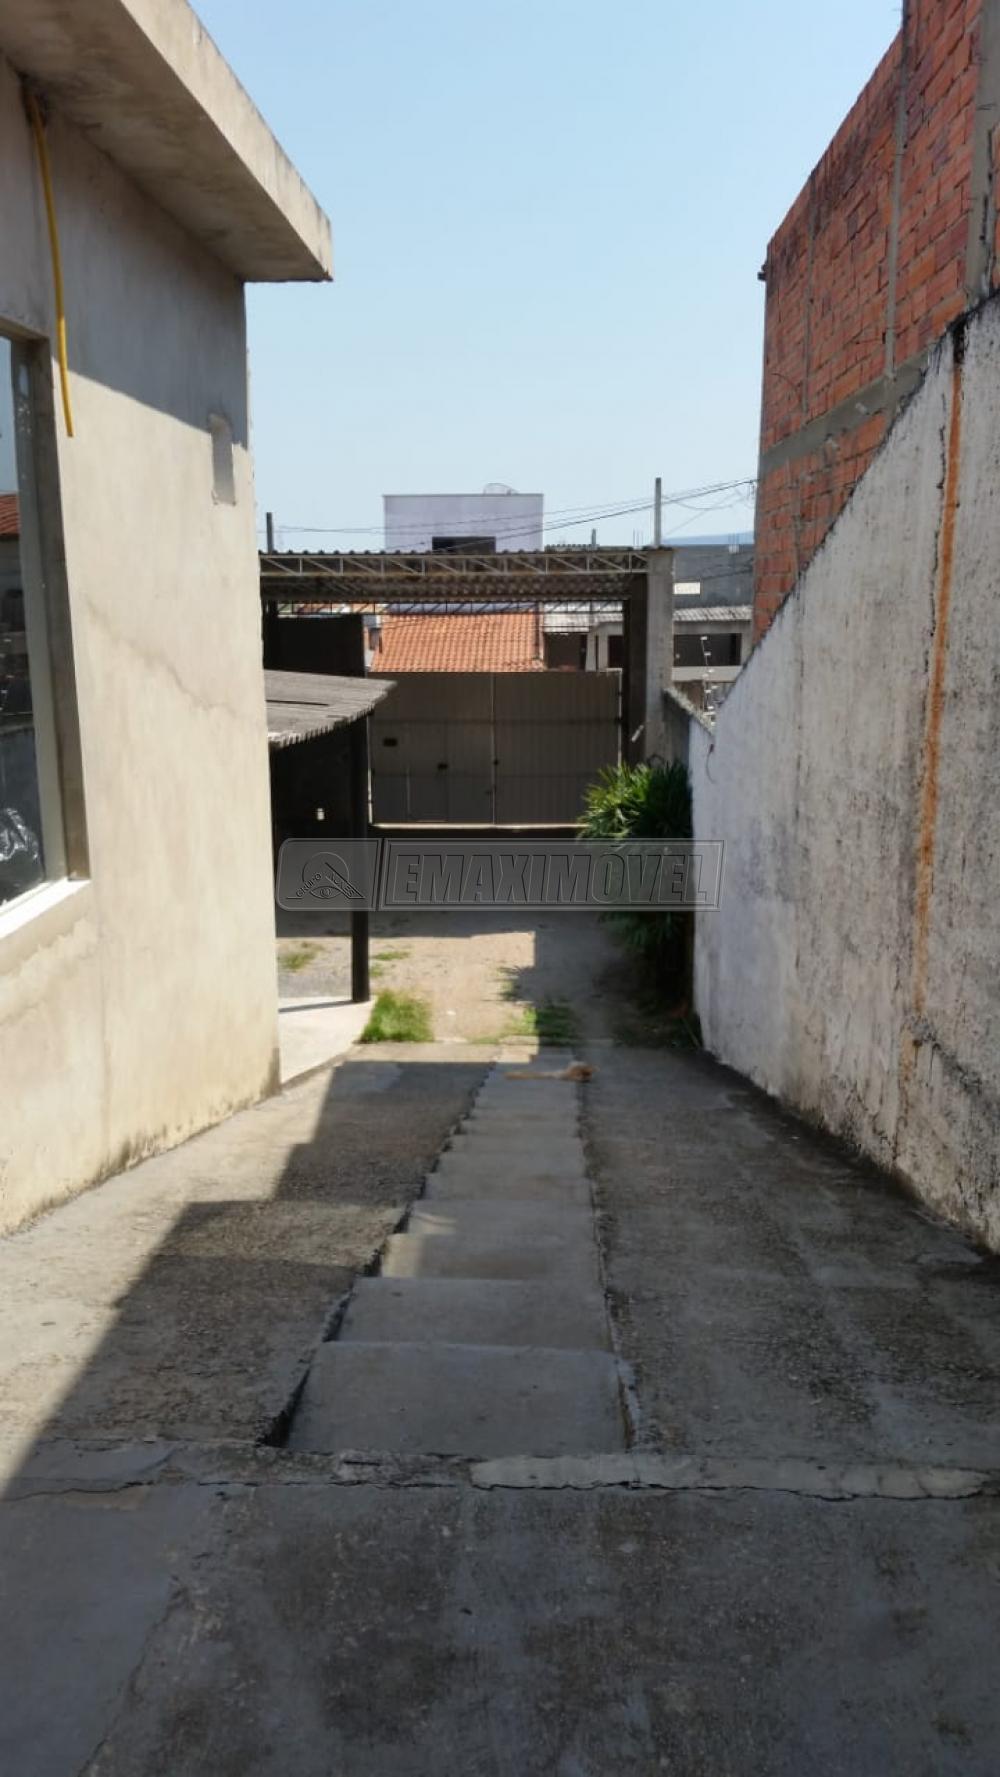 Comprar Casas / em Bairros em Sorocaba apenas R$ 480.000,00 - Foto 5